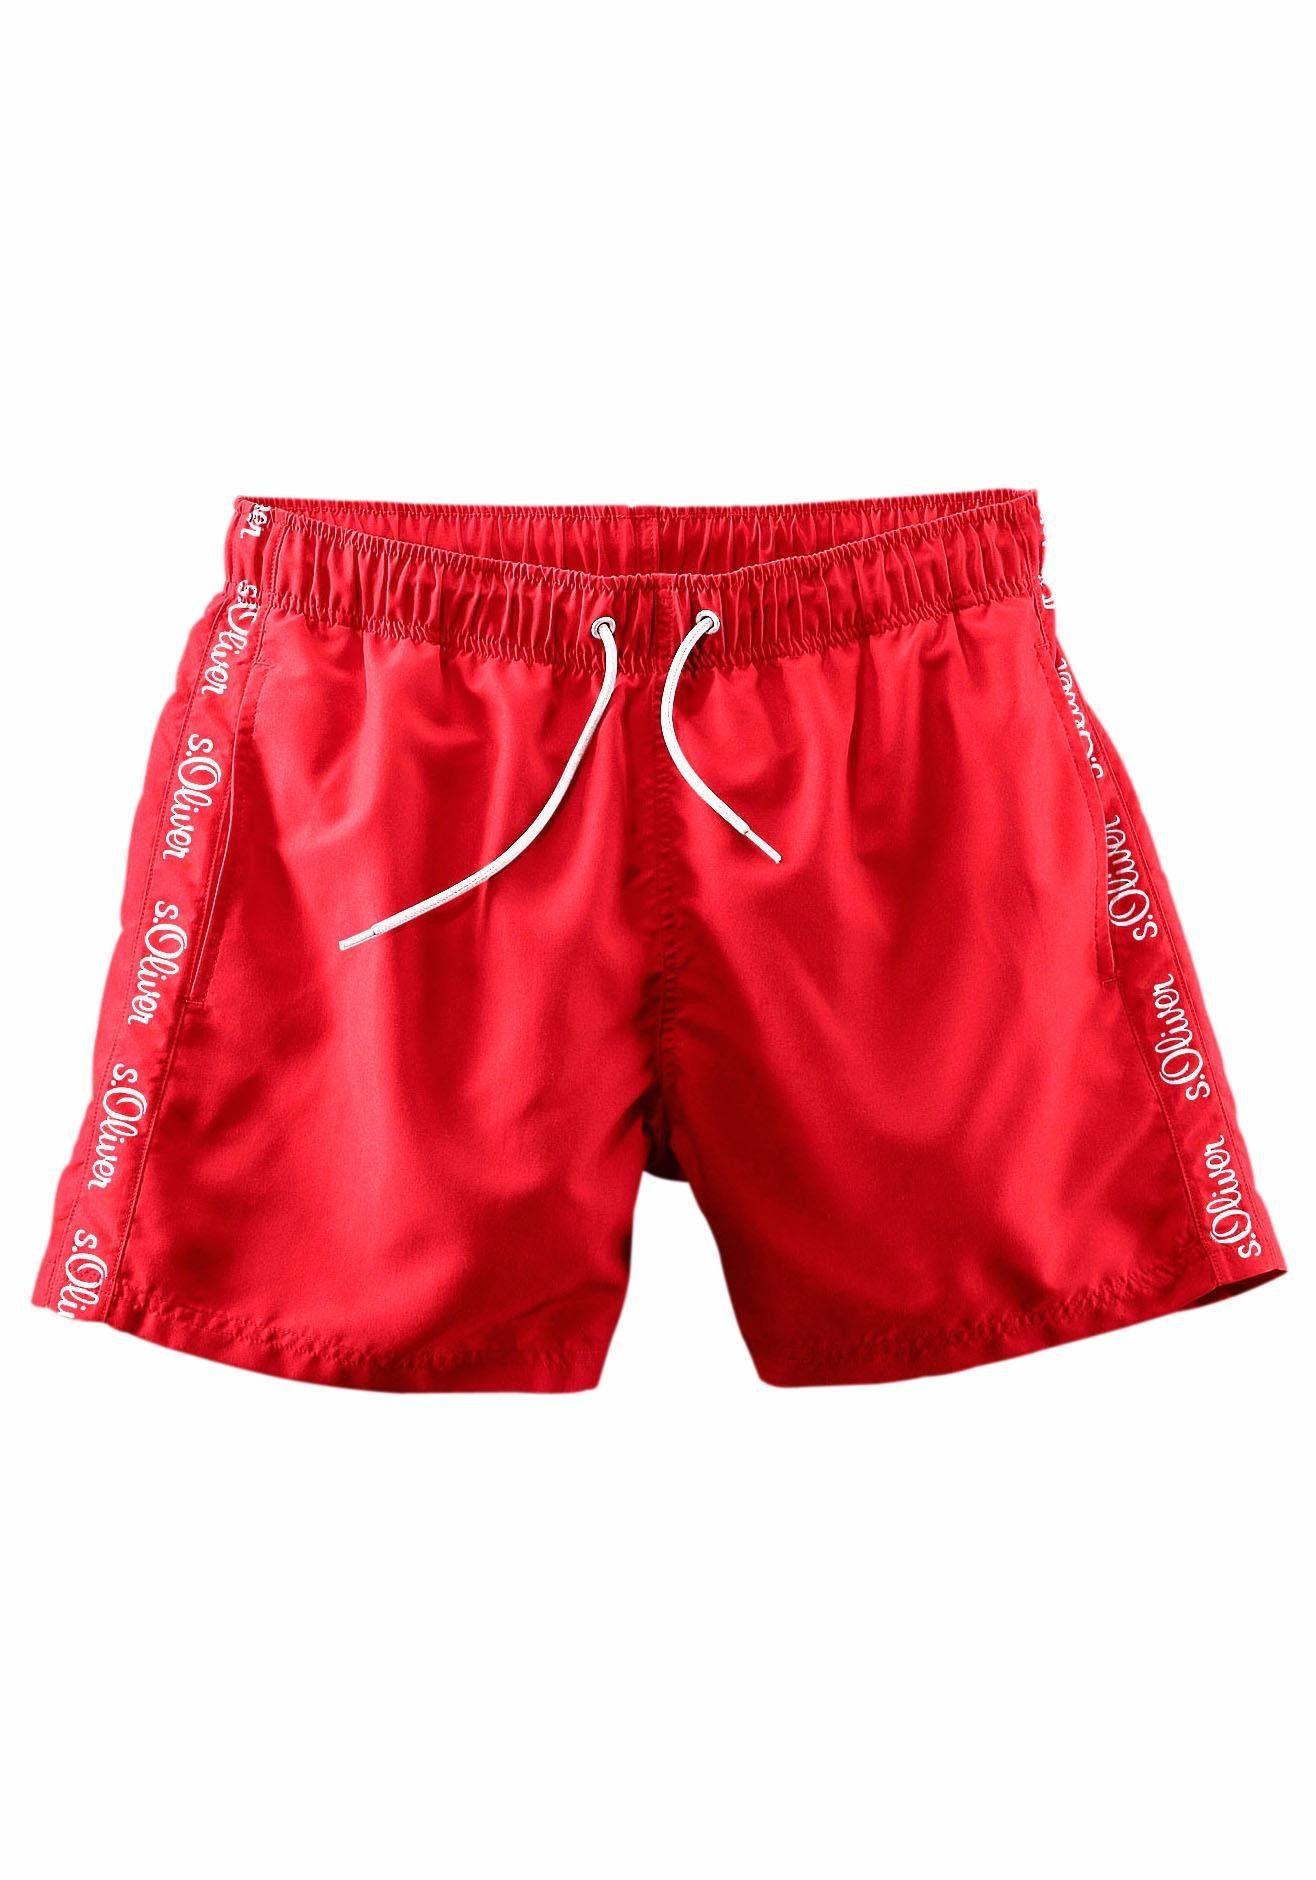 Logodruck oliver Kaufen S Beachwear Seitlichem BadeshortsMit Online tsxhQdrC